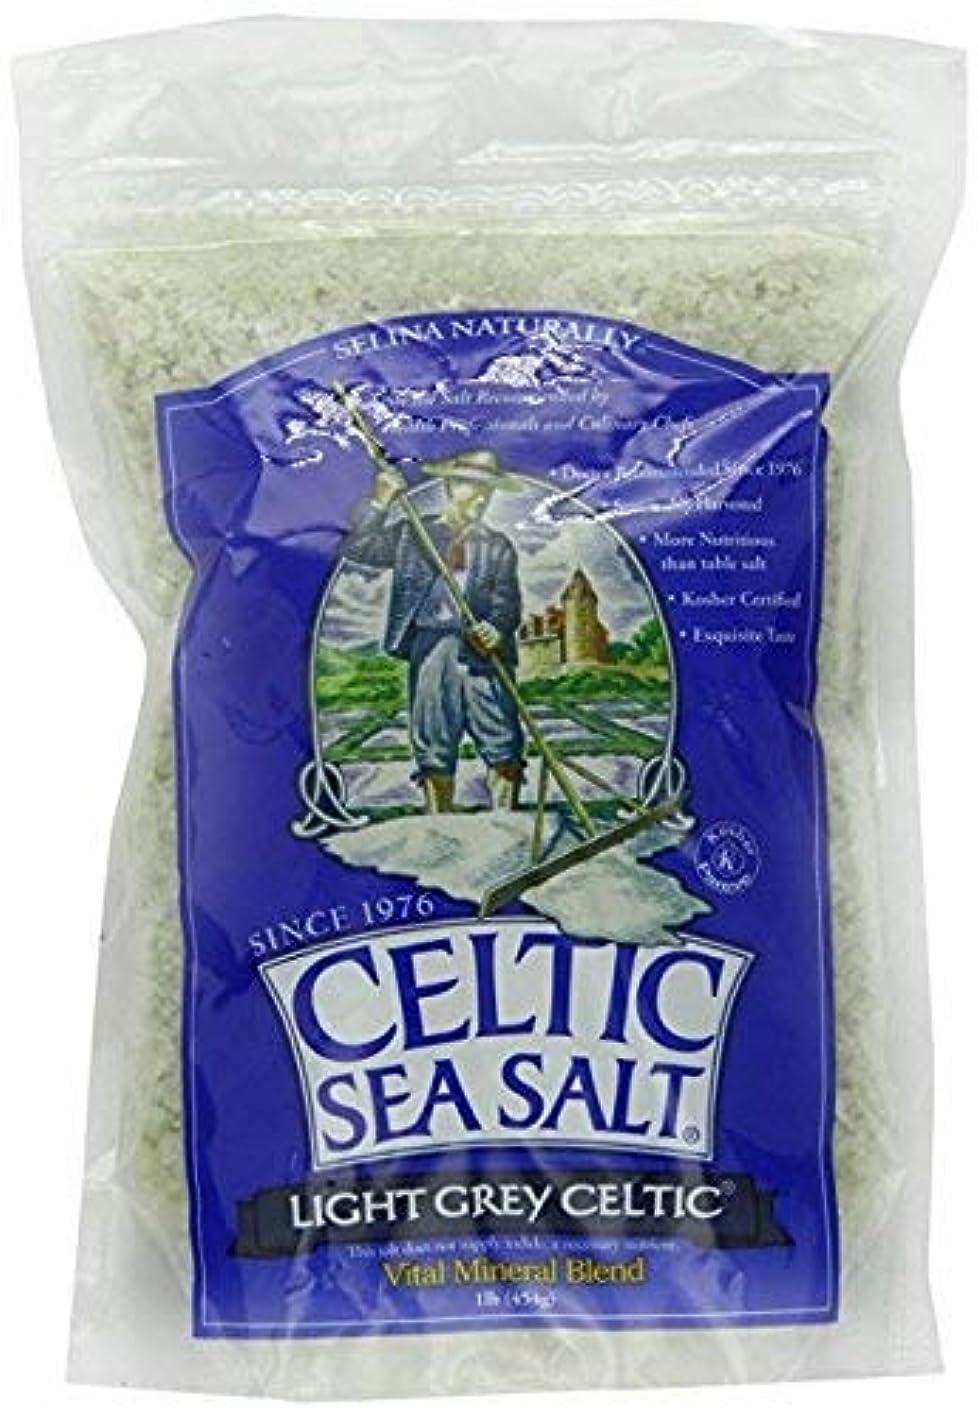 Light Grey Celtic coarse sea salt, 1 lb. bag - Pack of 2 omqwubpzzrz959